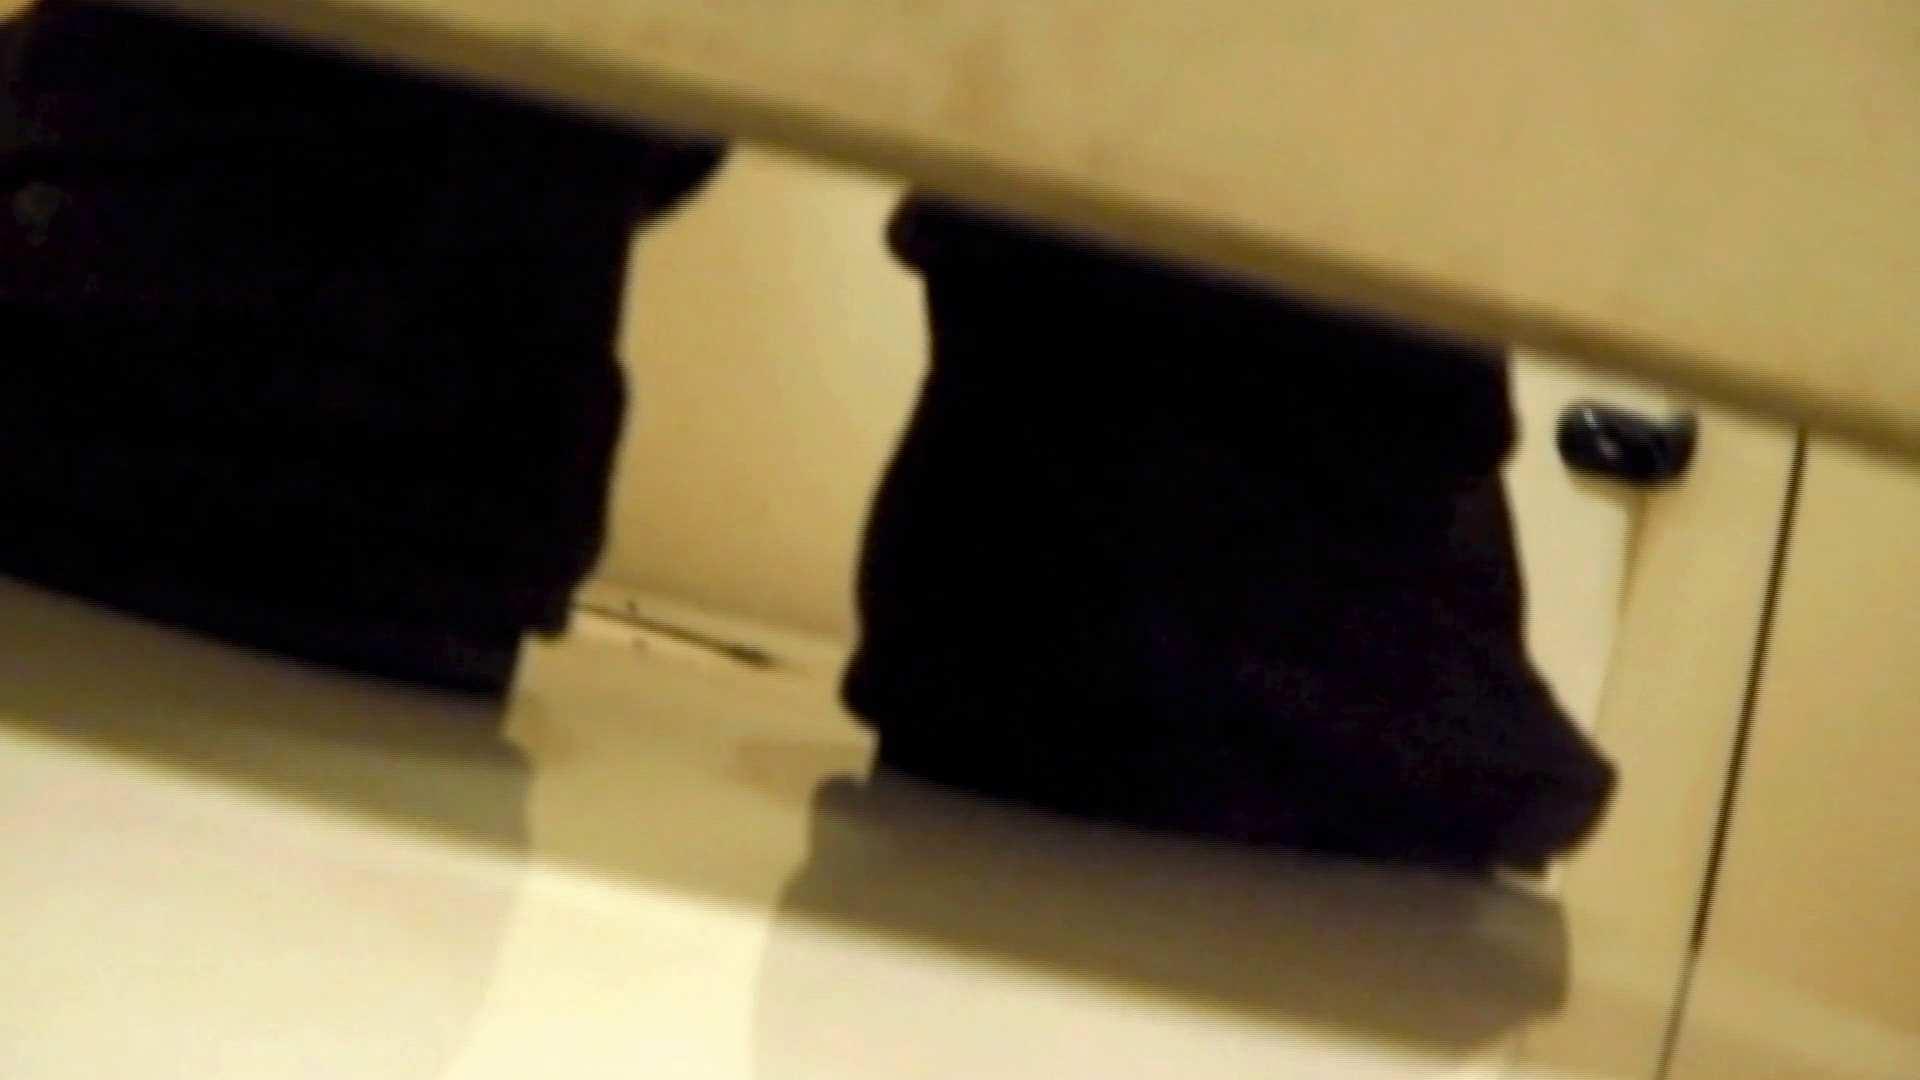 新世界の射窓 No78 トリンドル 玲奈似登場シリーズ美女率最高作! 高画質  89PIX 31